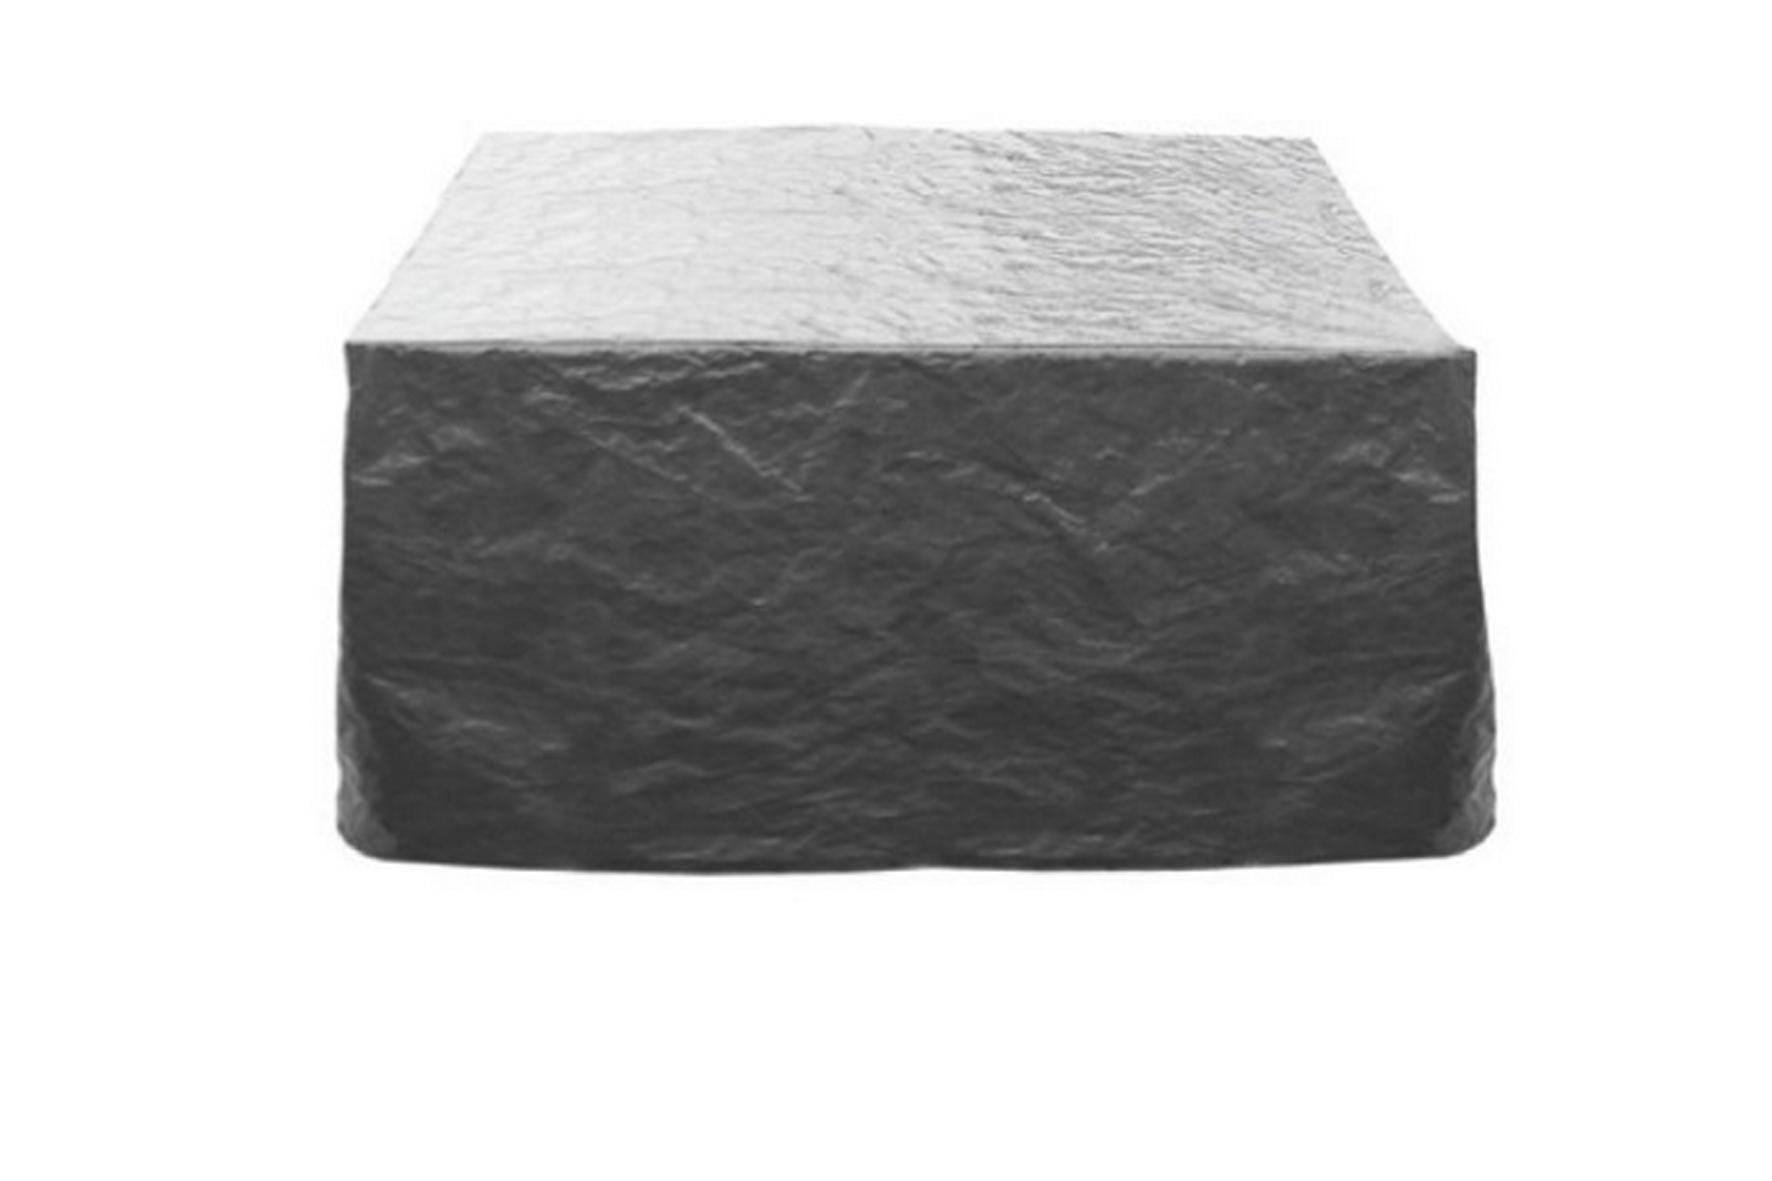 housse protection pour fauteuil achat en ligne ou dans notre magasin. Black Bedroom Furniture Sets. Home Design Ideas